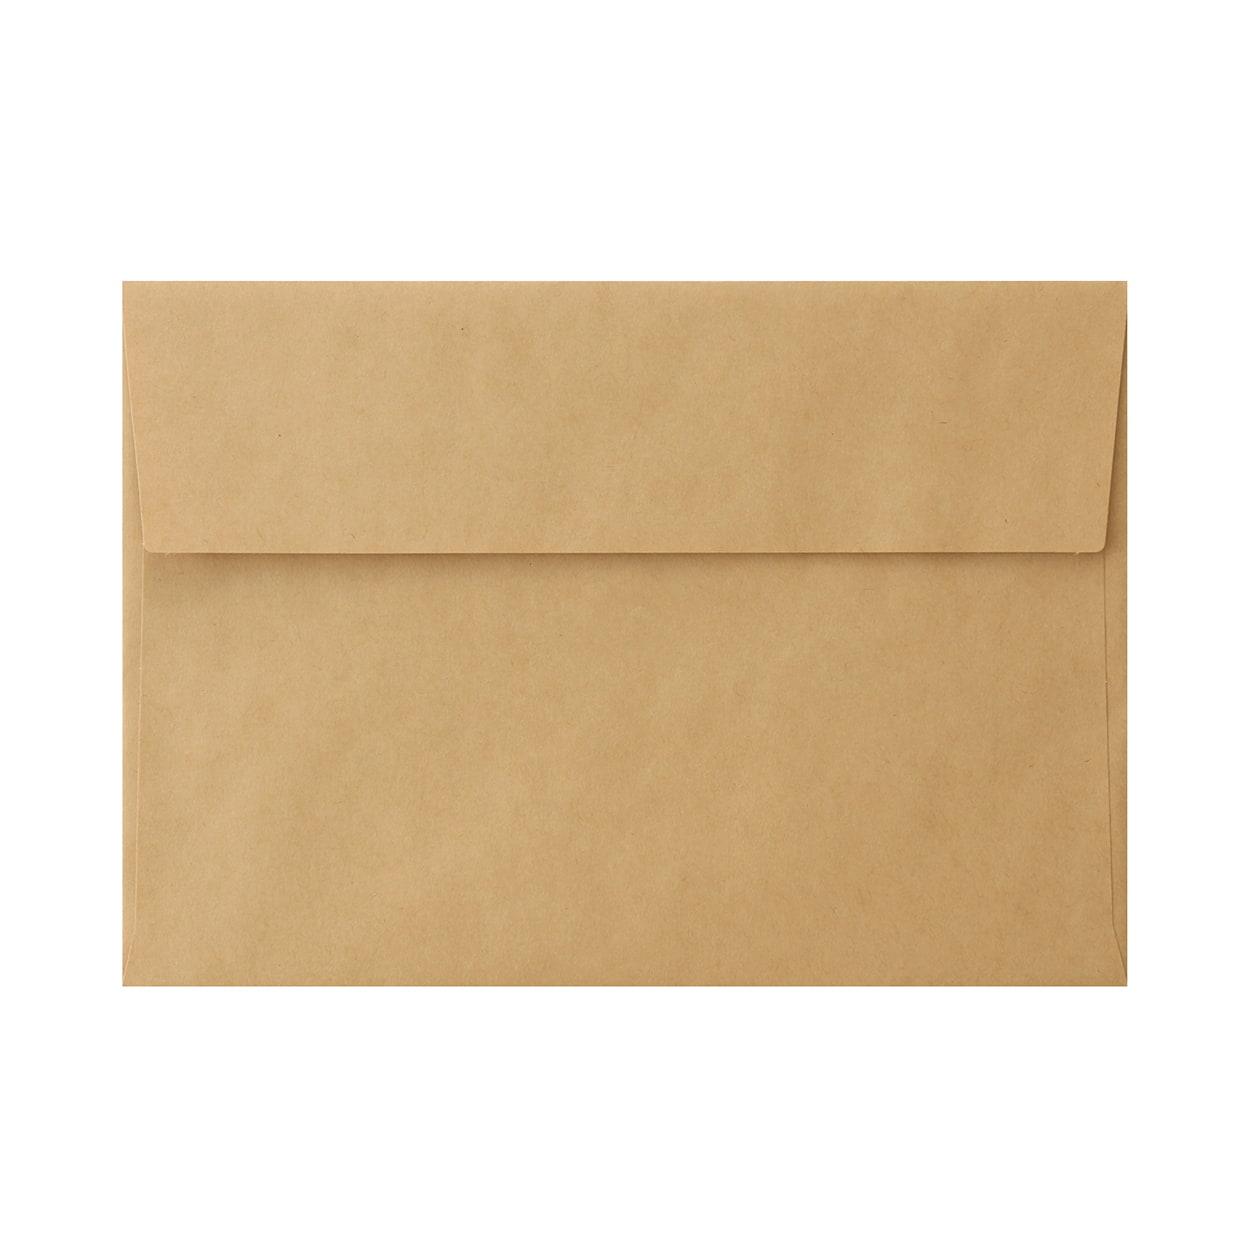 角6カマス封筒 未晒クラフト 100g